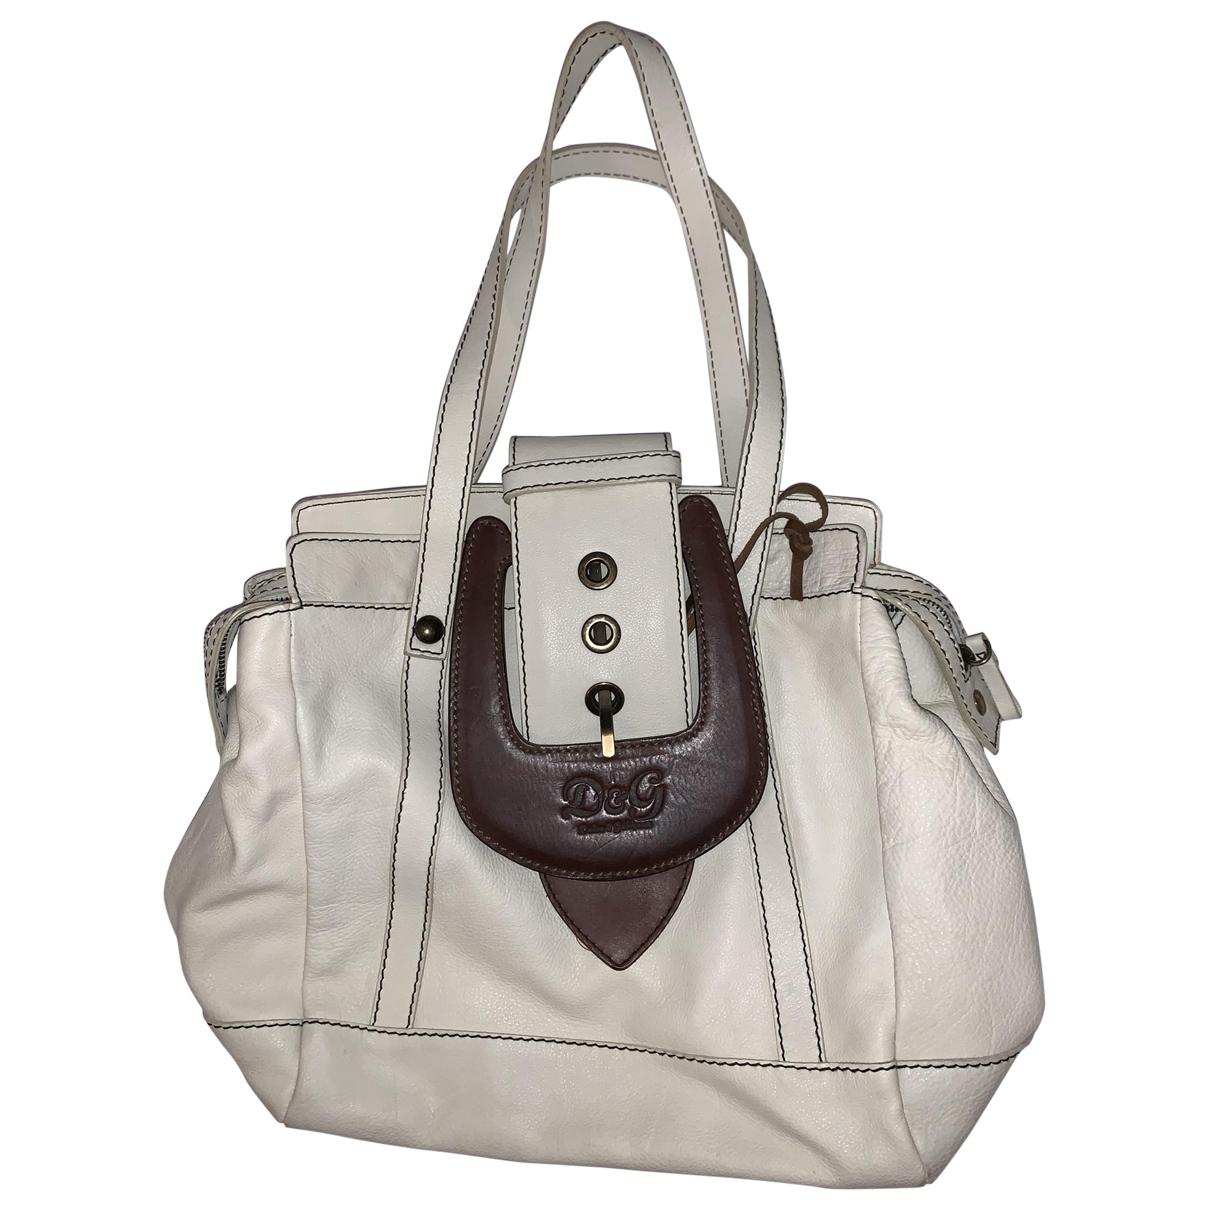 D&g \N Beige Leather handbag for Women \N